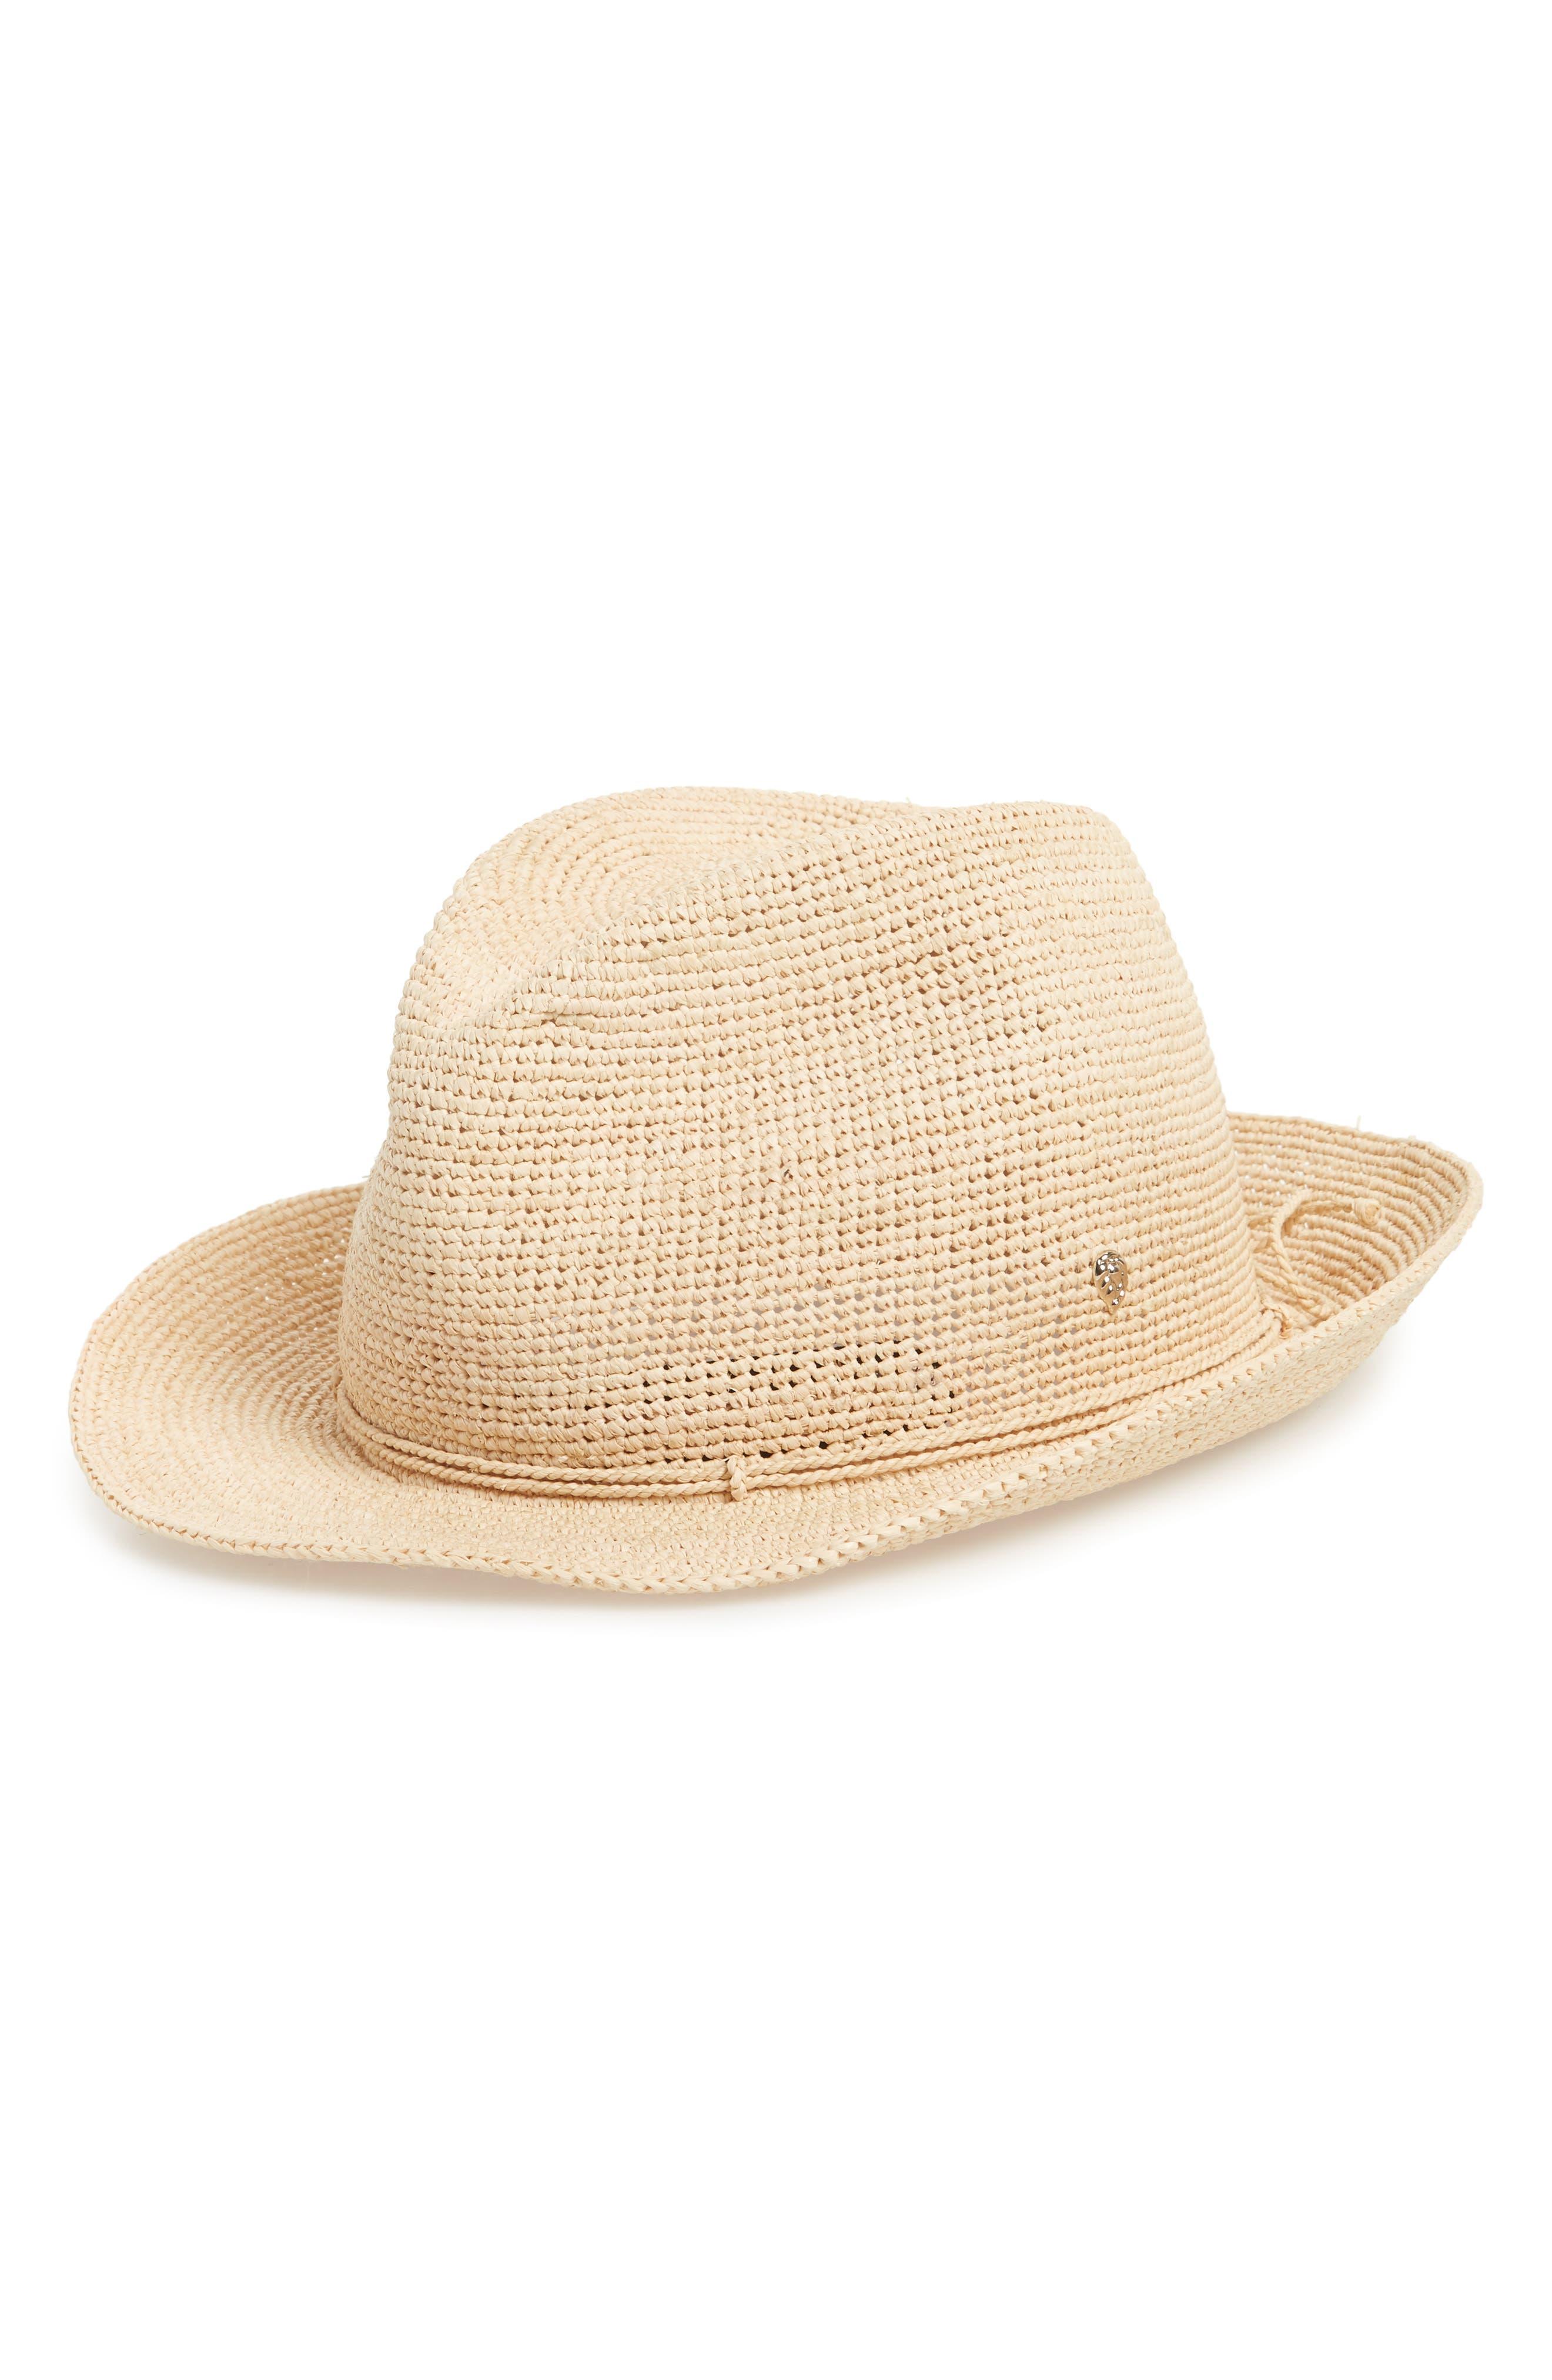 HELEN KAMINSKI Raffia Crochet Packable Sun Hat - Beige in Natural